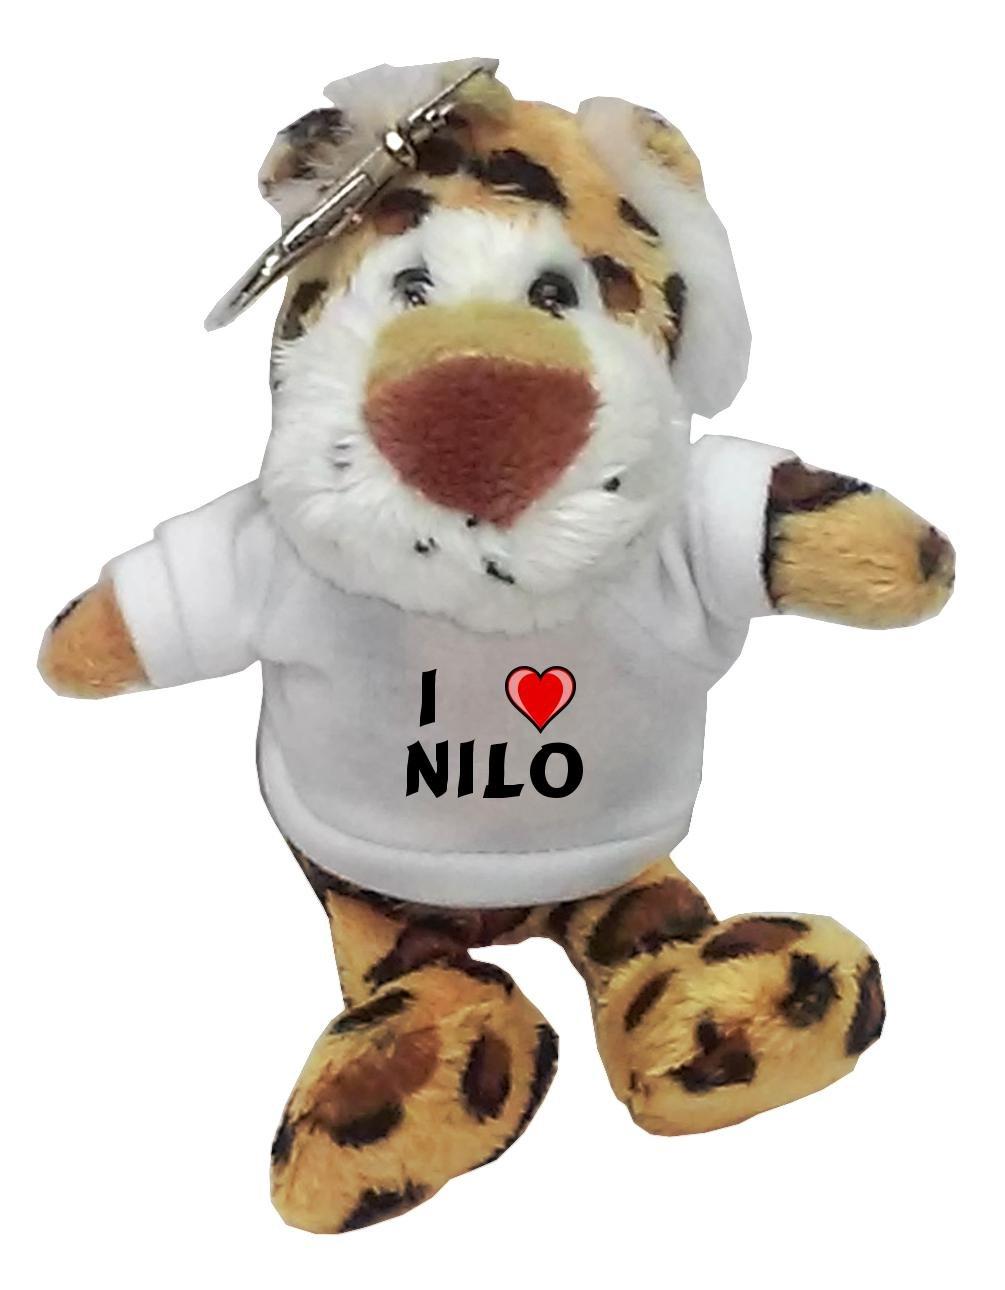 Amazon.com: Leopardo de peluche llavero con I Love Nilo ...